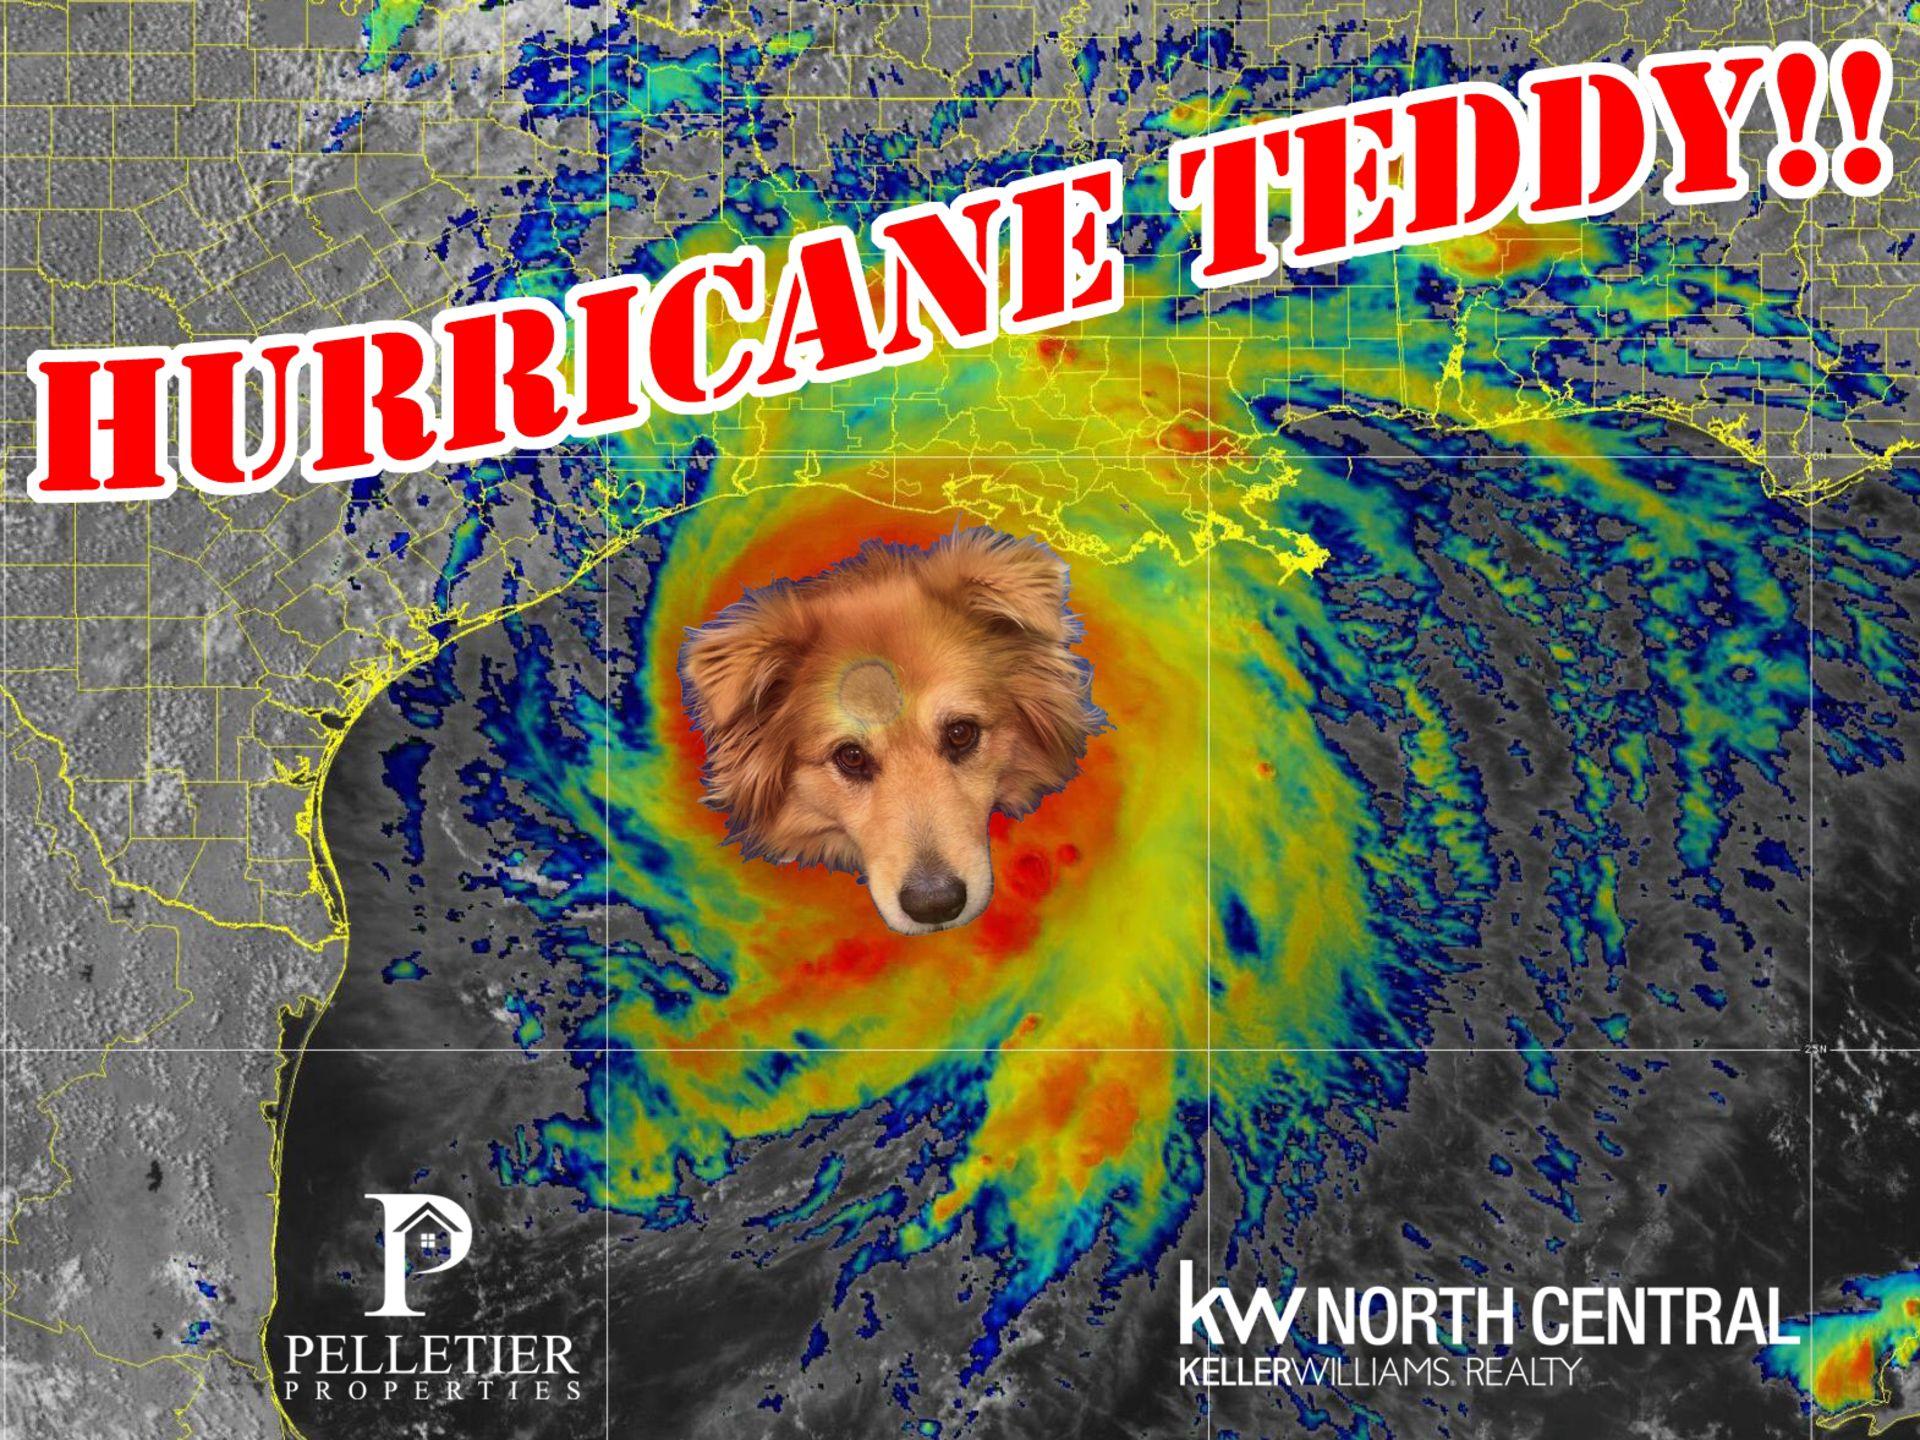 HURRICANE TEDDIE TO STIR UP REAL ESTATE MARKET IN MASSCHUSETTS!